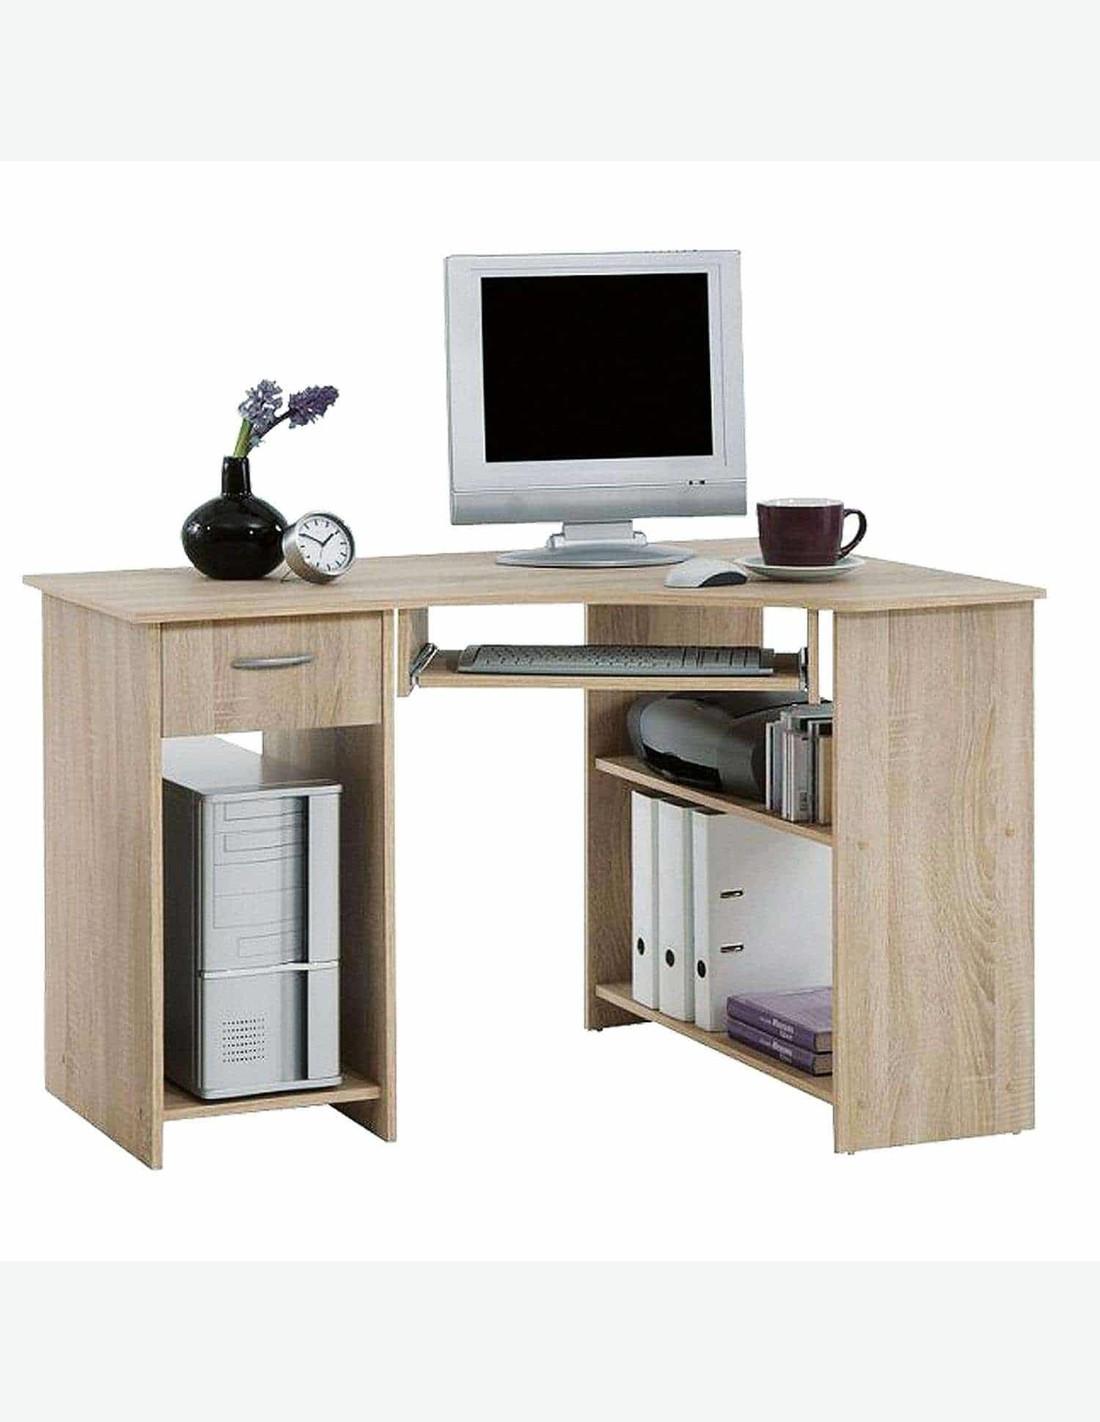 Schreibtisch aus eiche dekor for Schreibtisch eiche dekor